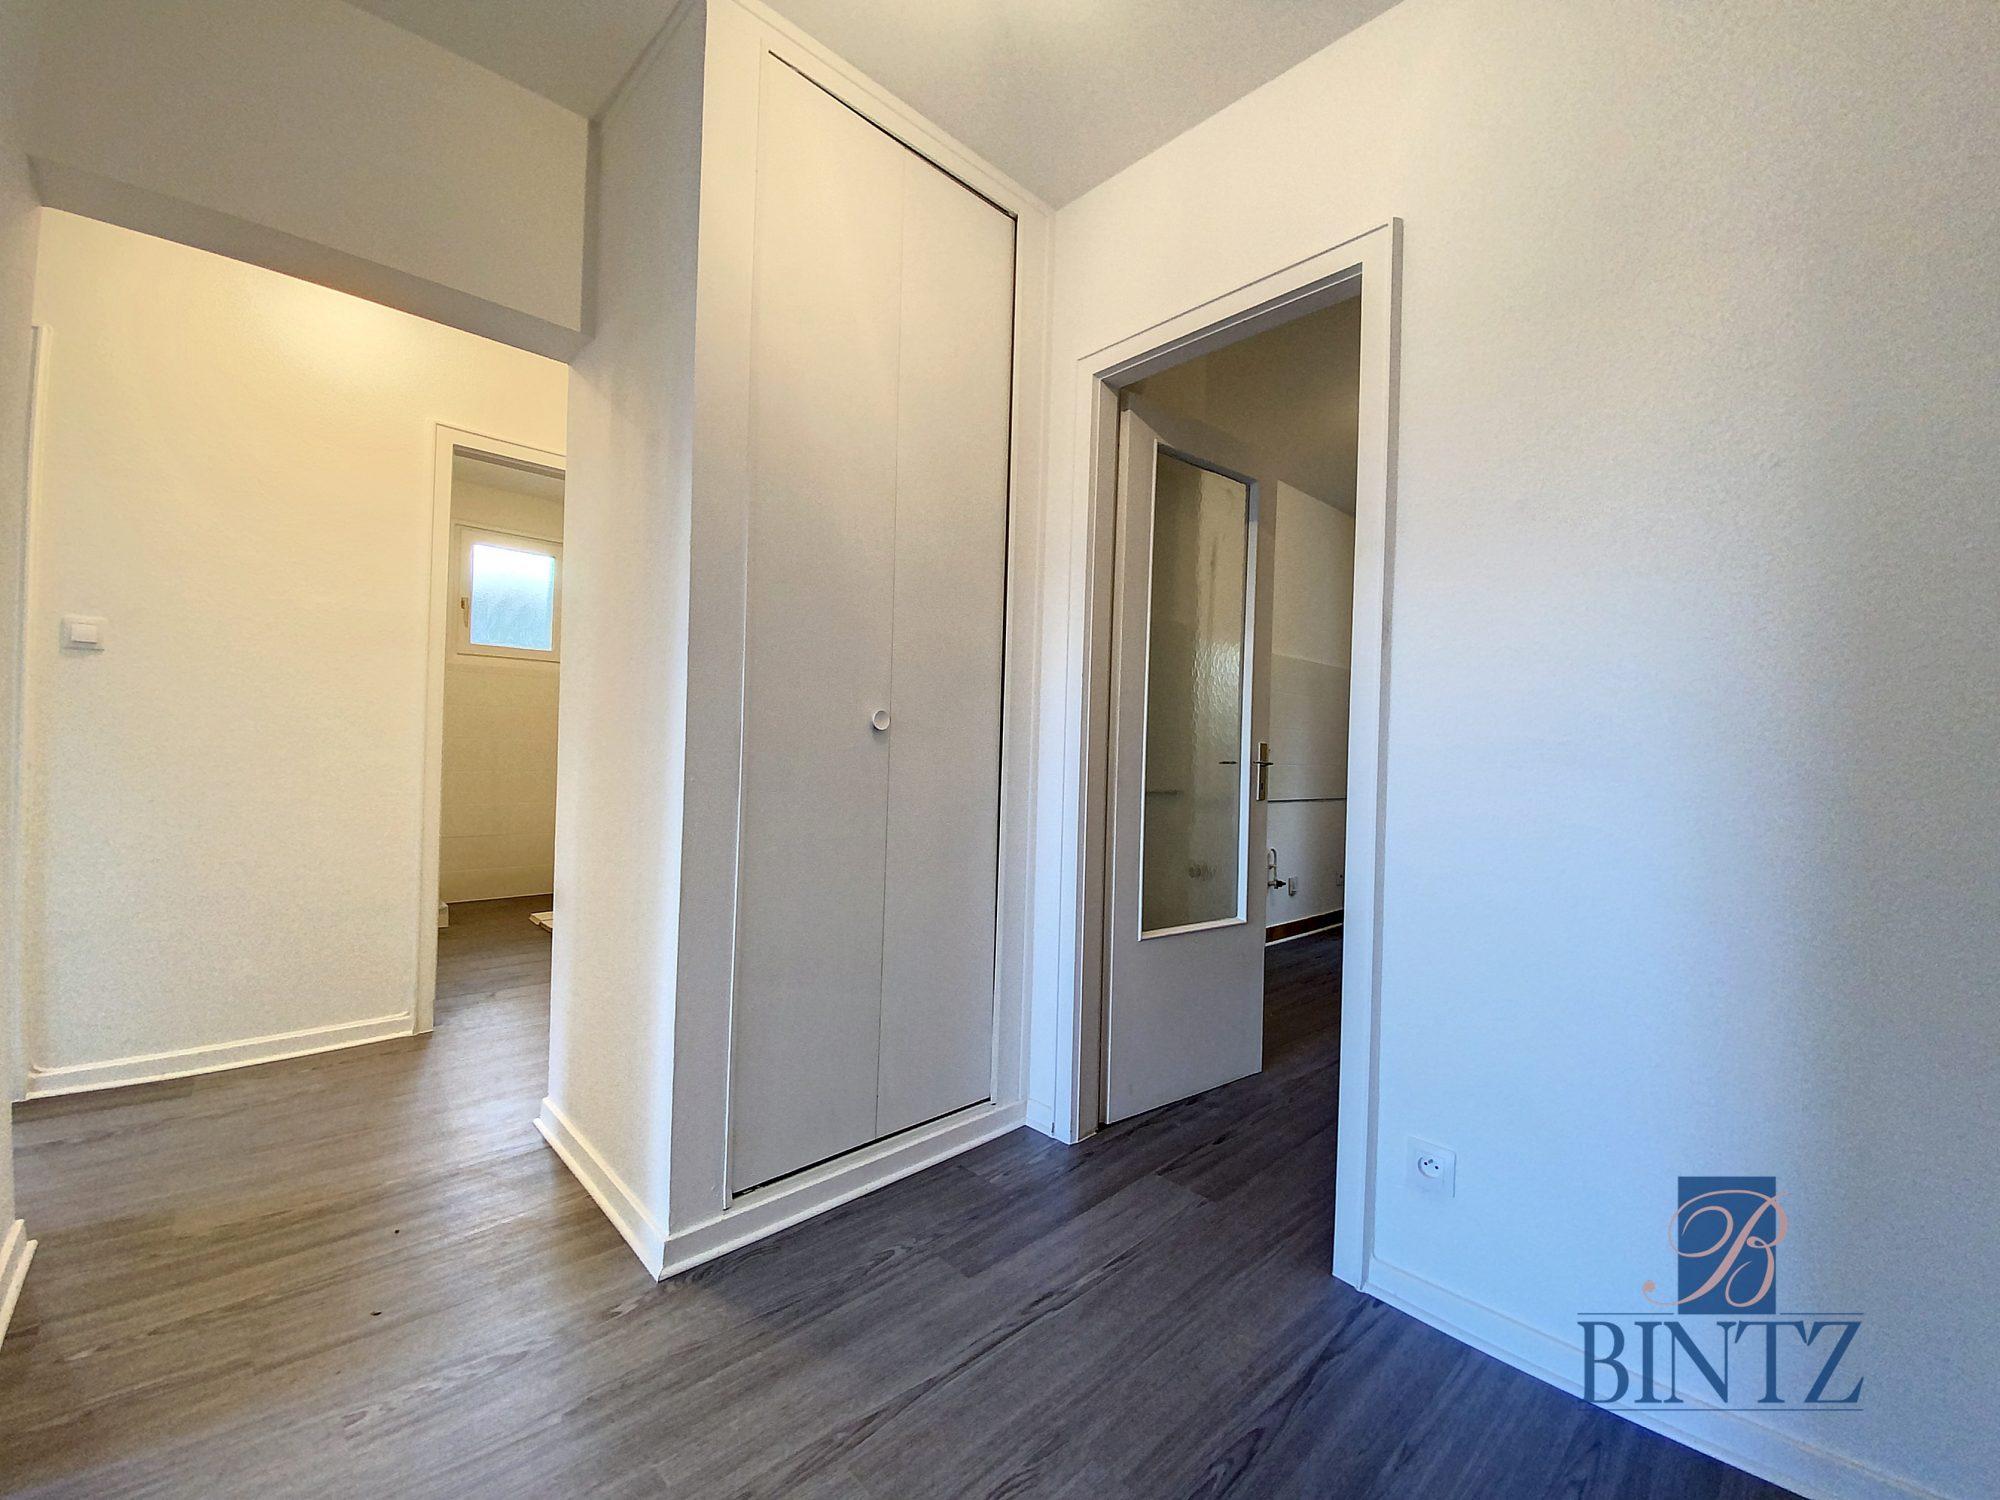 2PÈCES ILLKIRCH - Devenez locataire en toute sérénité - Bintz Immobilier - 11